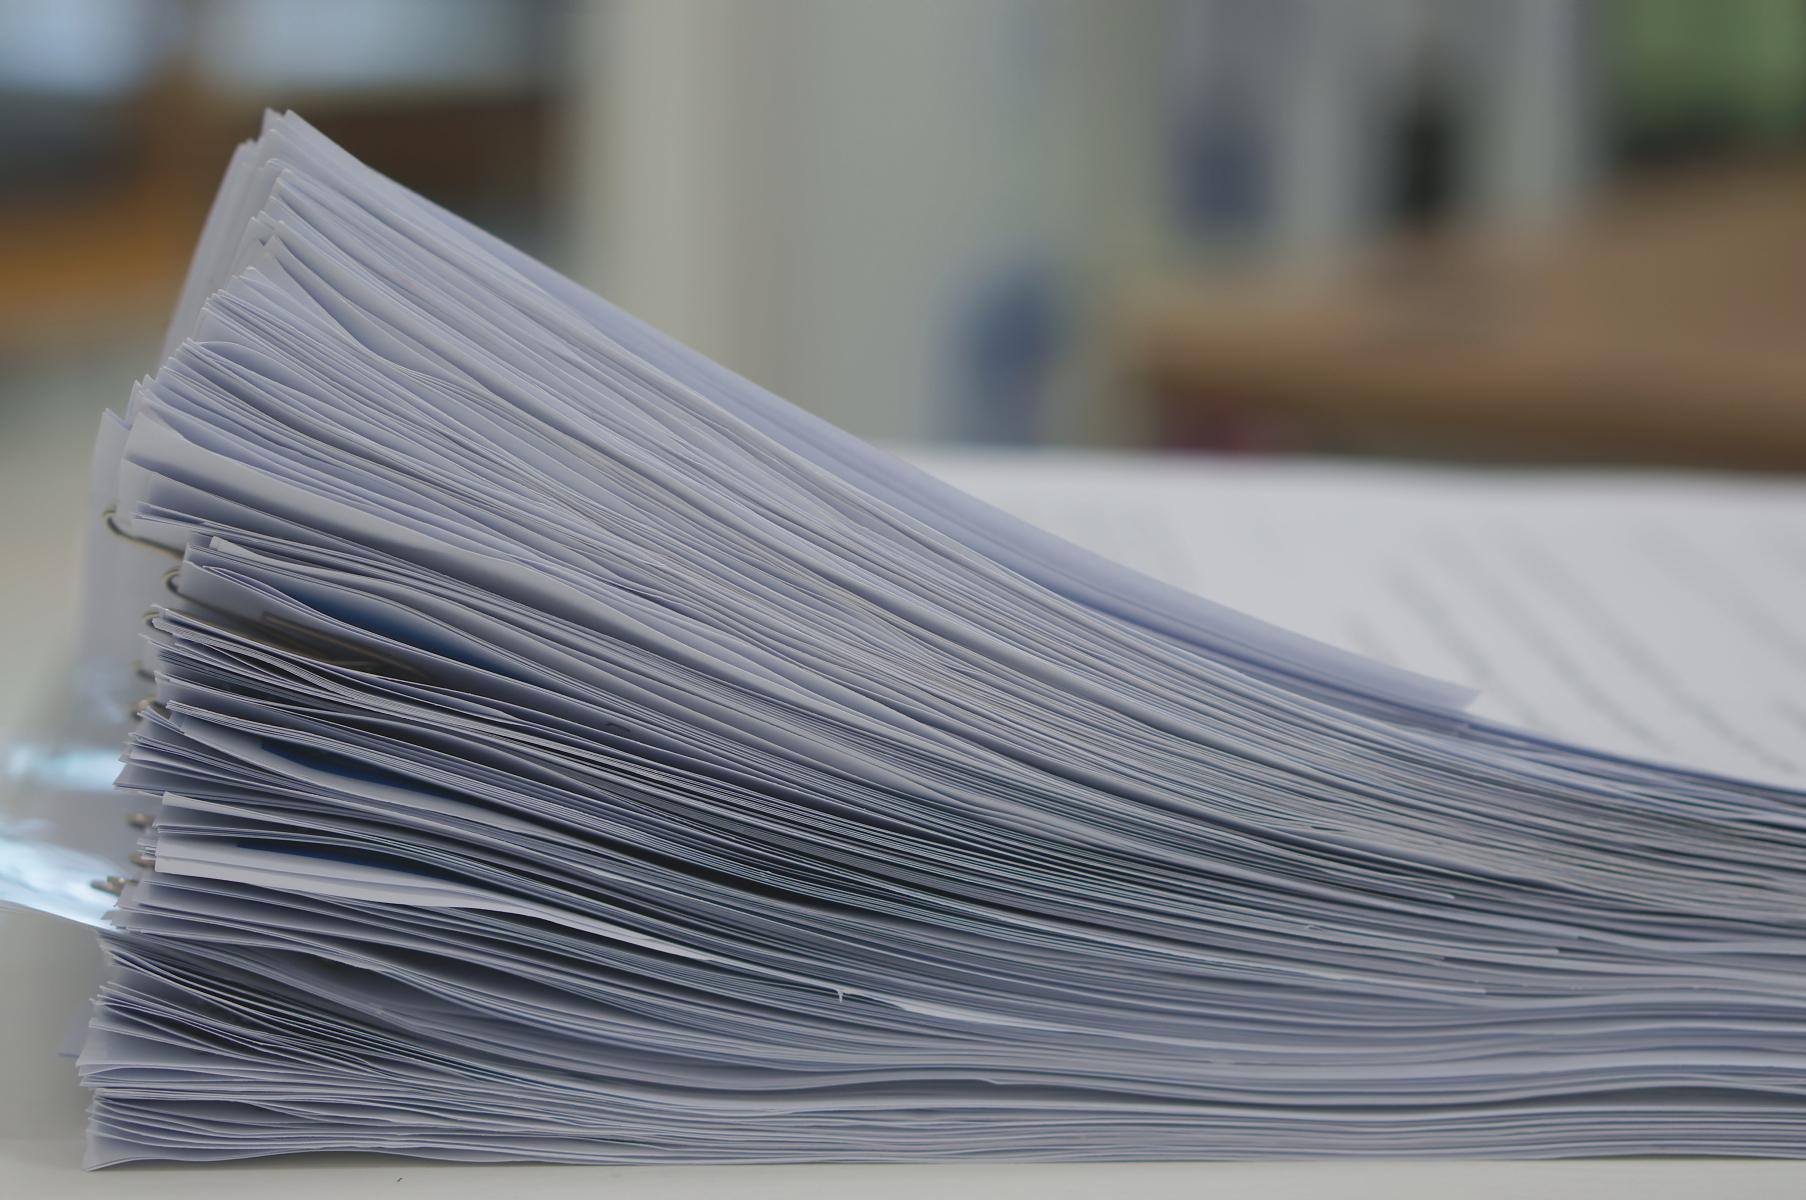 Bunke med papirer på eit kontor